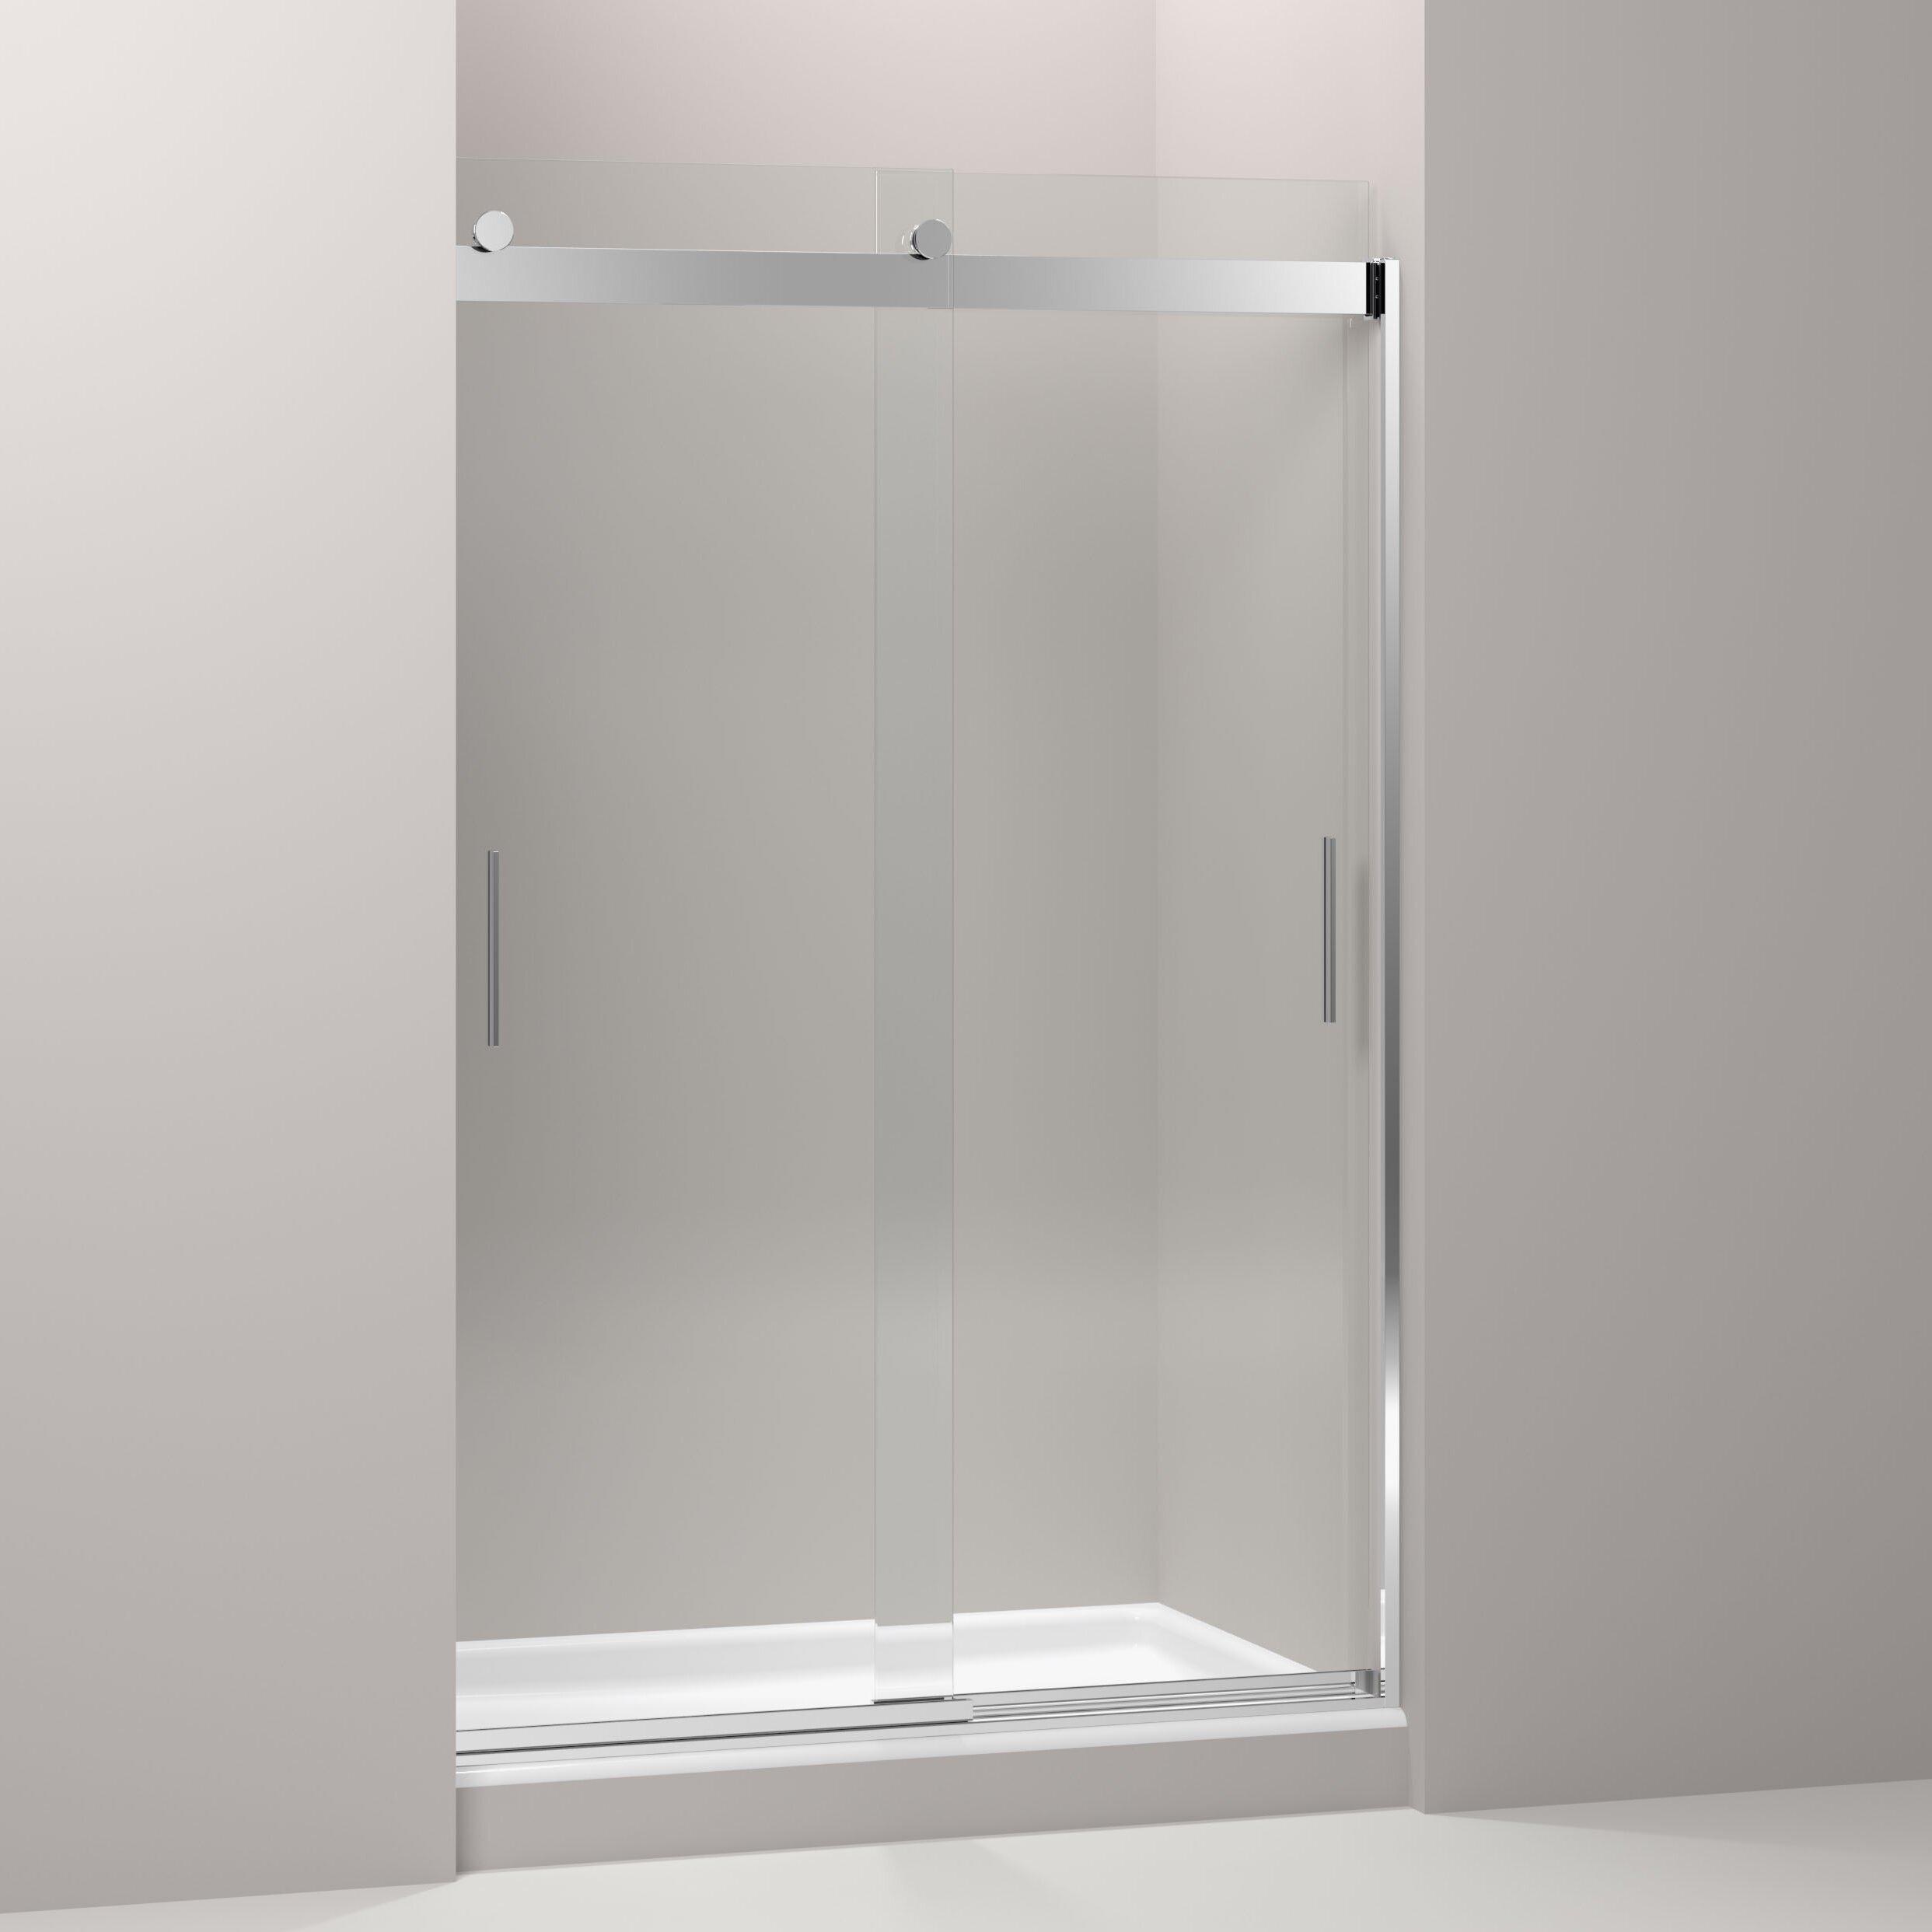 Sliding Shower Door Handles - Saudireiki